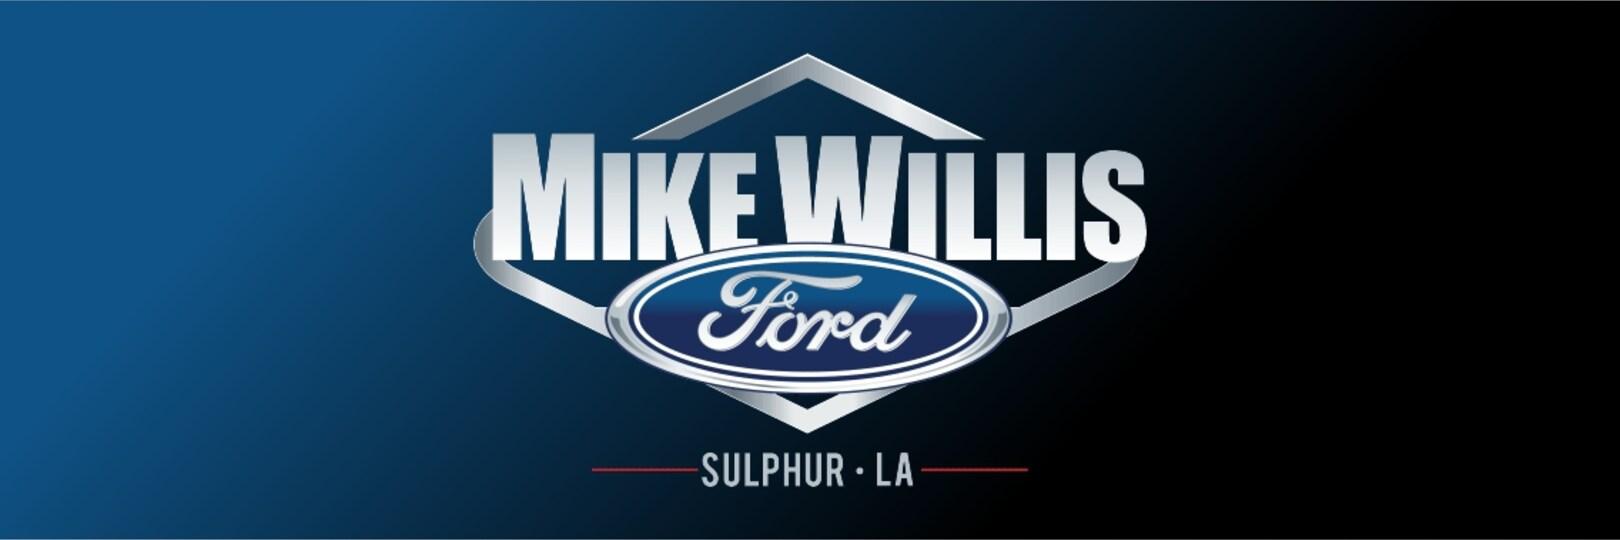 mike willis ford new 2017 2018 used ford dealer in sulphur la. Black Bedroom Furniture Sets. Home Design Ideas